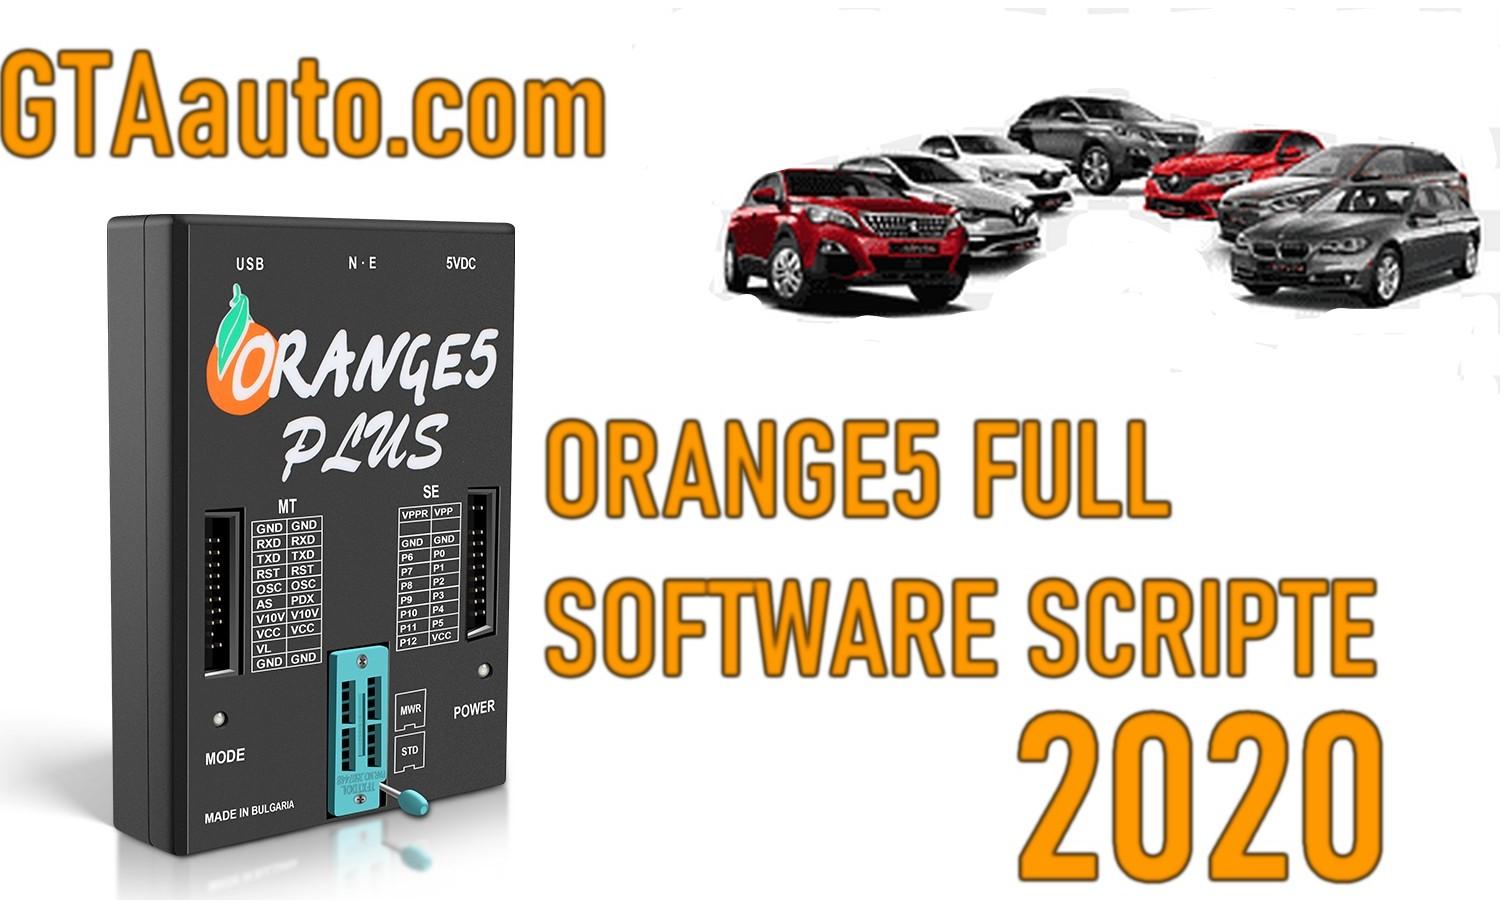 Orange5 Programmer Full Software Script 2020 Airbag Immobilizer dashboard ECU ..Big database 1 Sans titre 3